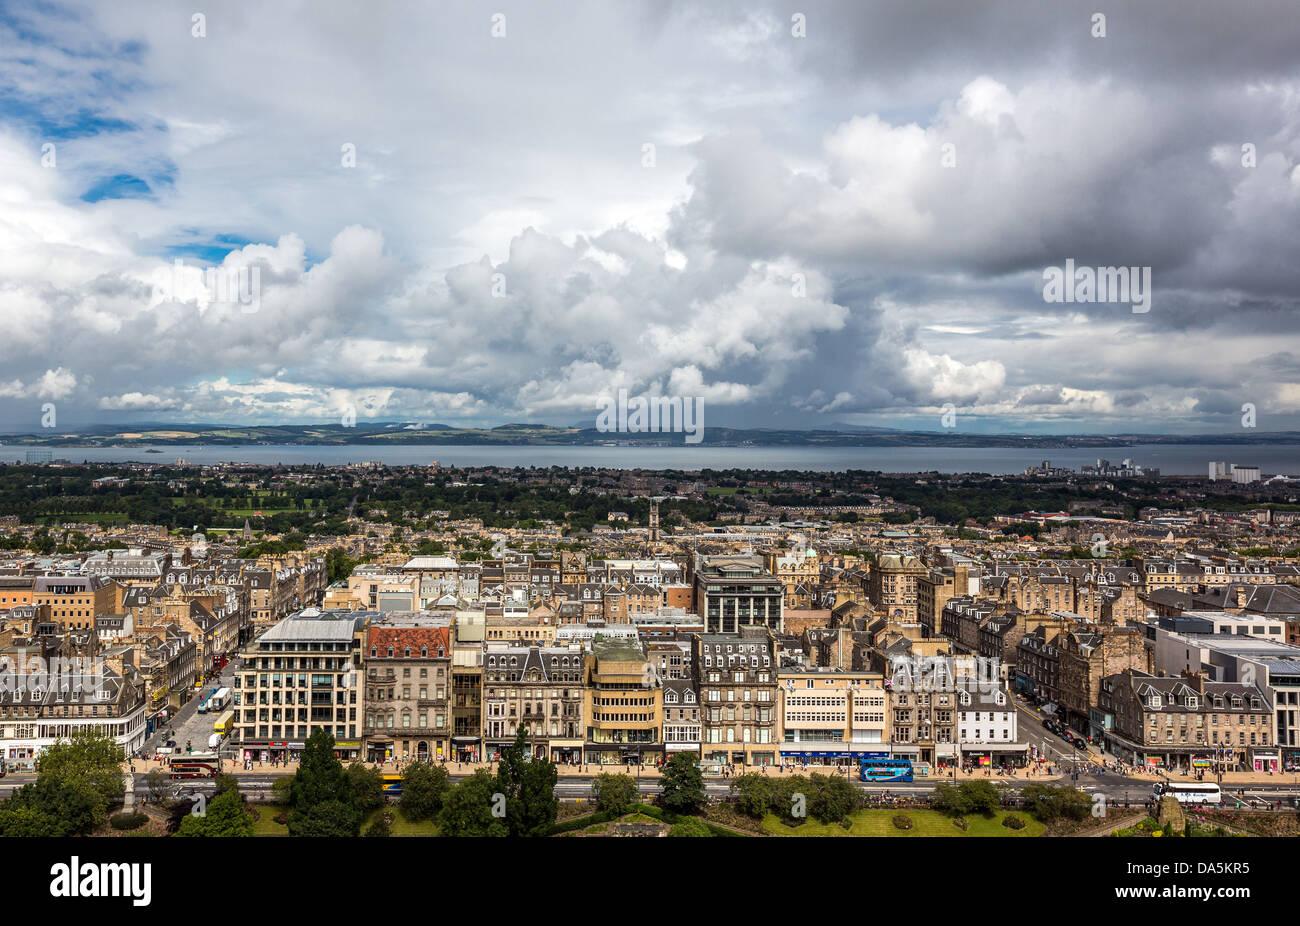 Europe Grande-Bretagne, Ecosse, Edimbourg, la nouvelle ville vu depuis le château d'Edimbourg Photo Stock